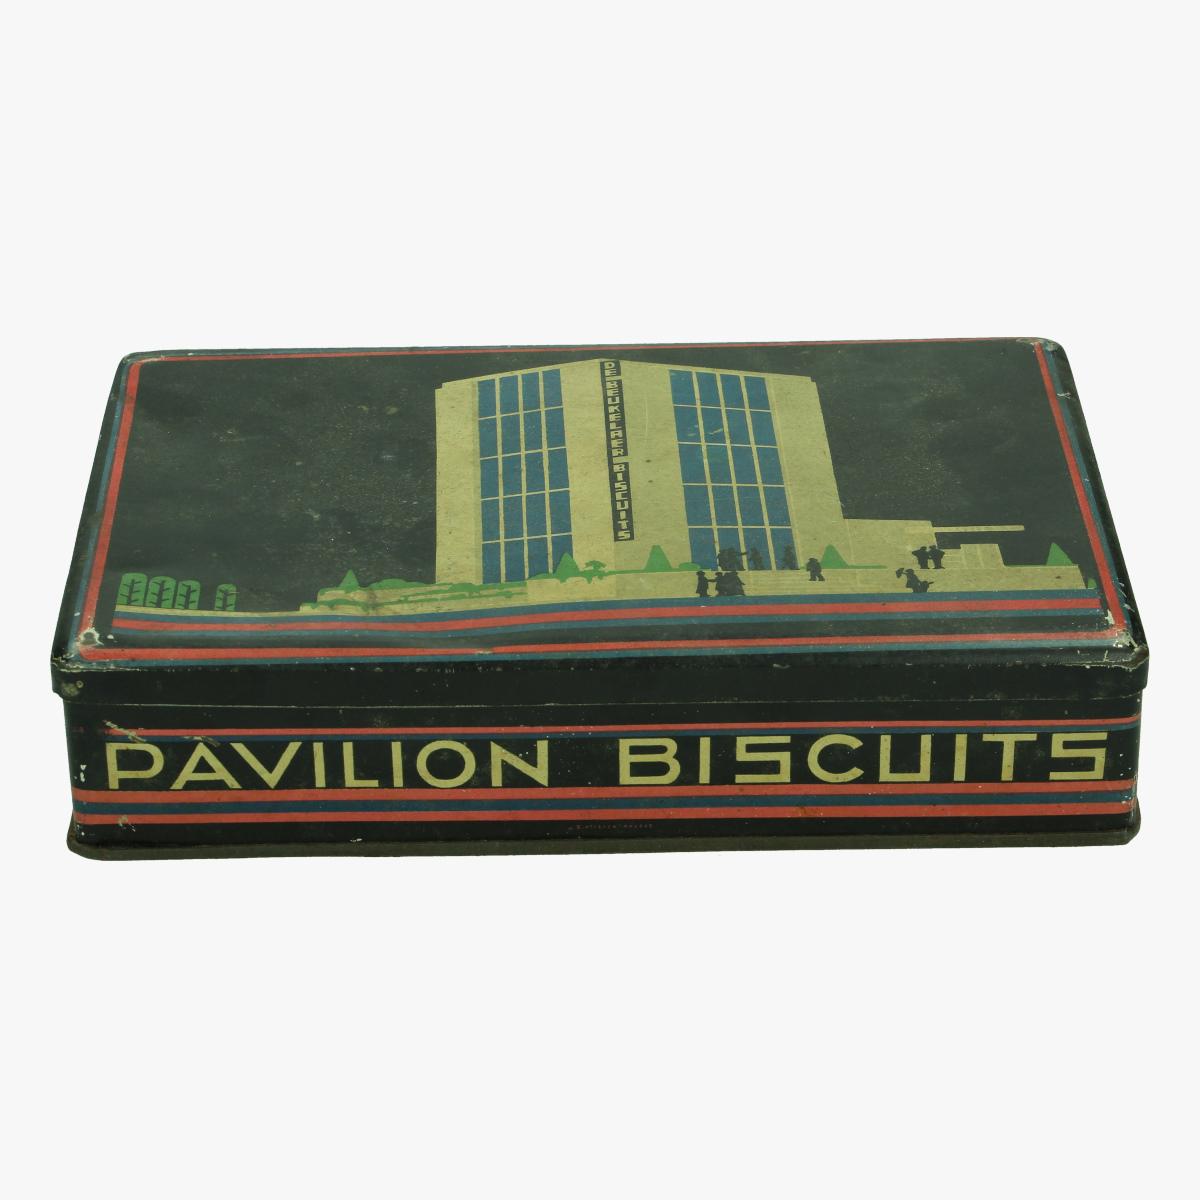 Afbeeldingen van expo 58 de beukelaer biscuits antwerpen pavilion biscuits